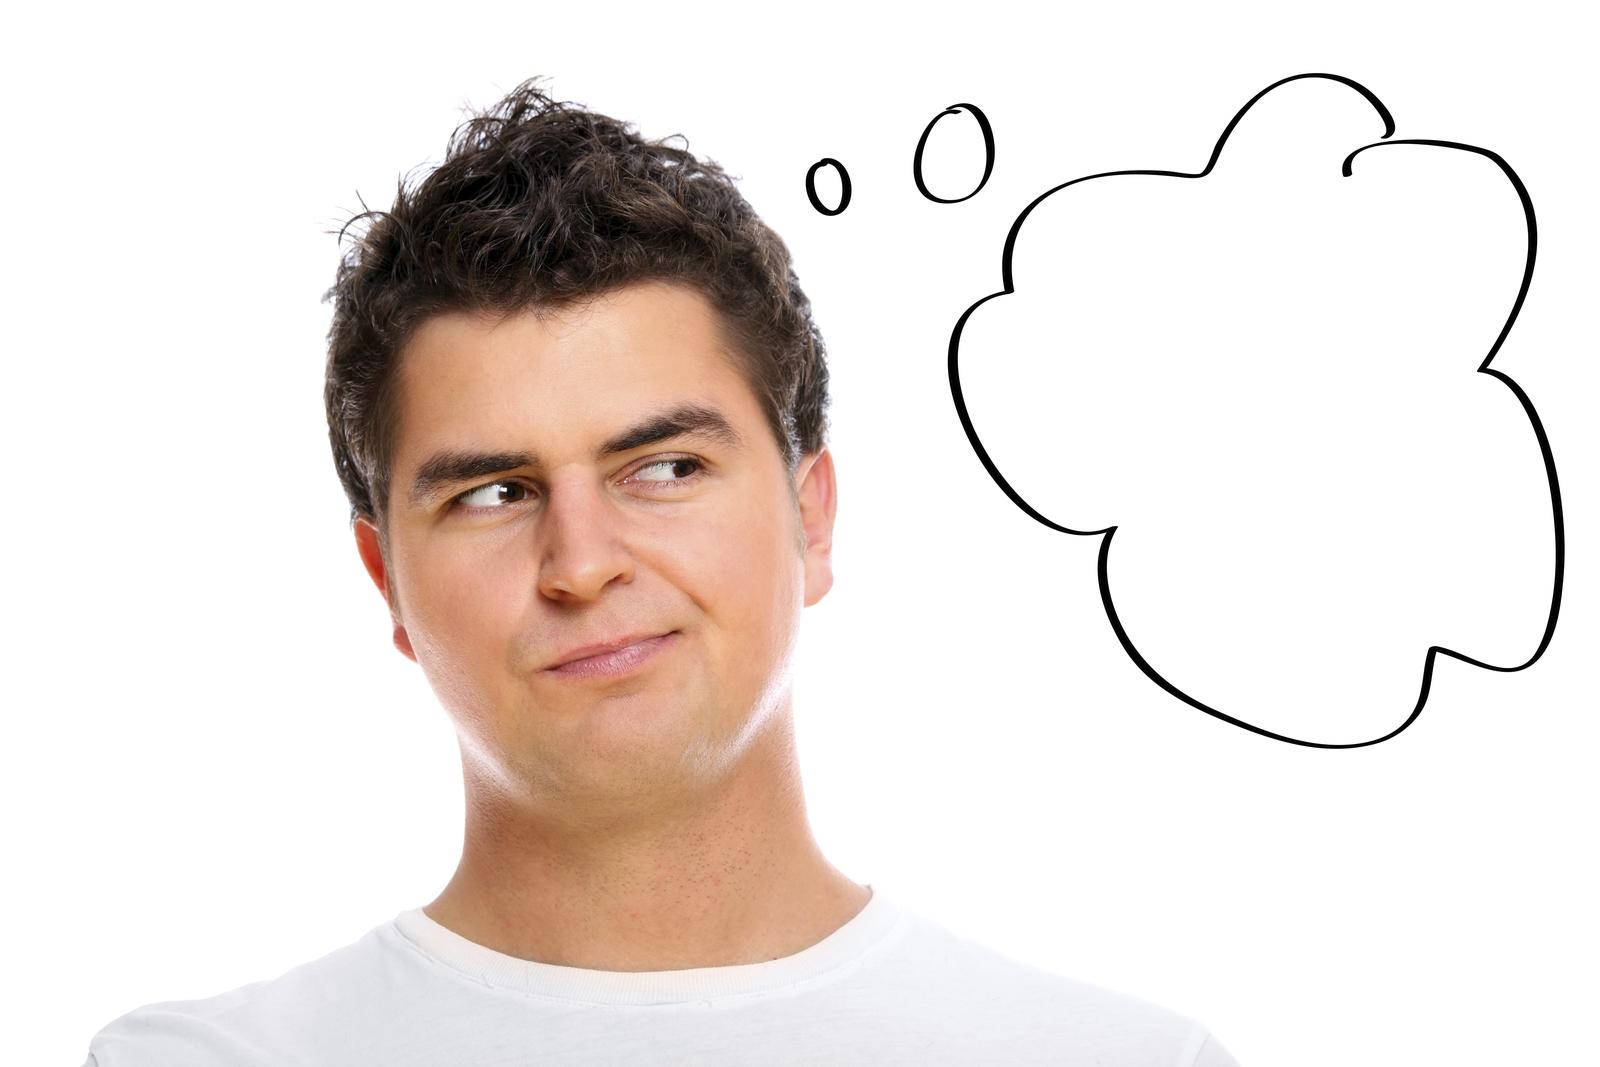 Гадание на хрустальном шаре – Что он думает обо мне?